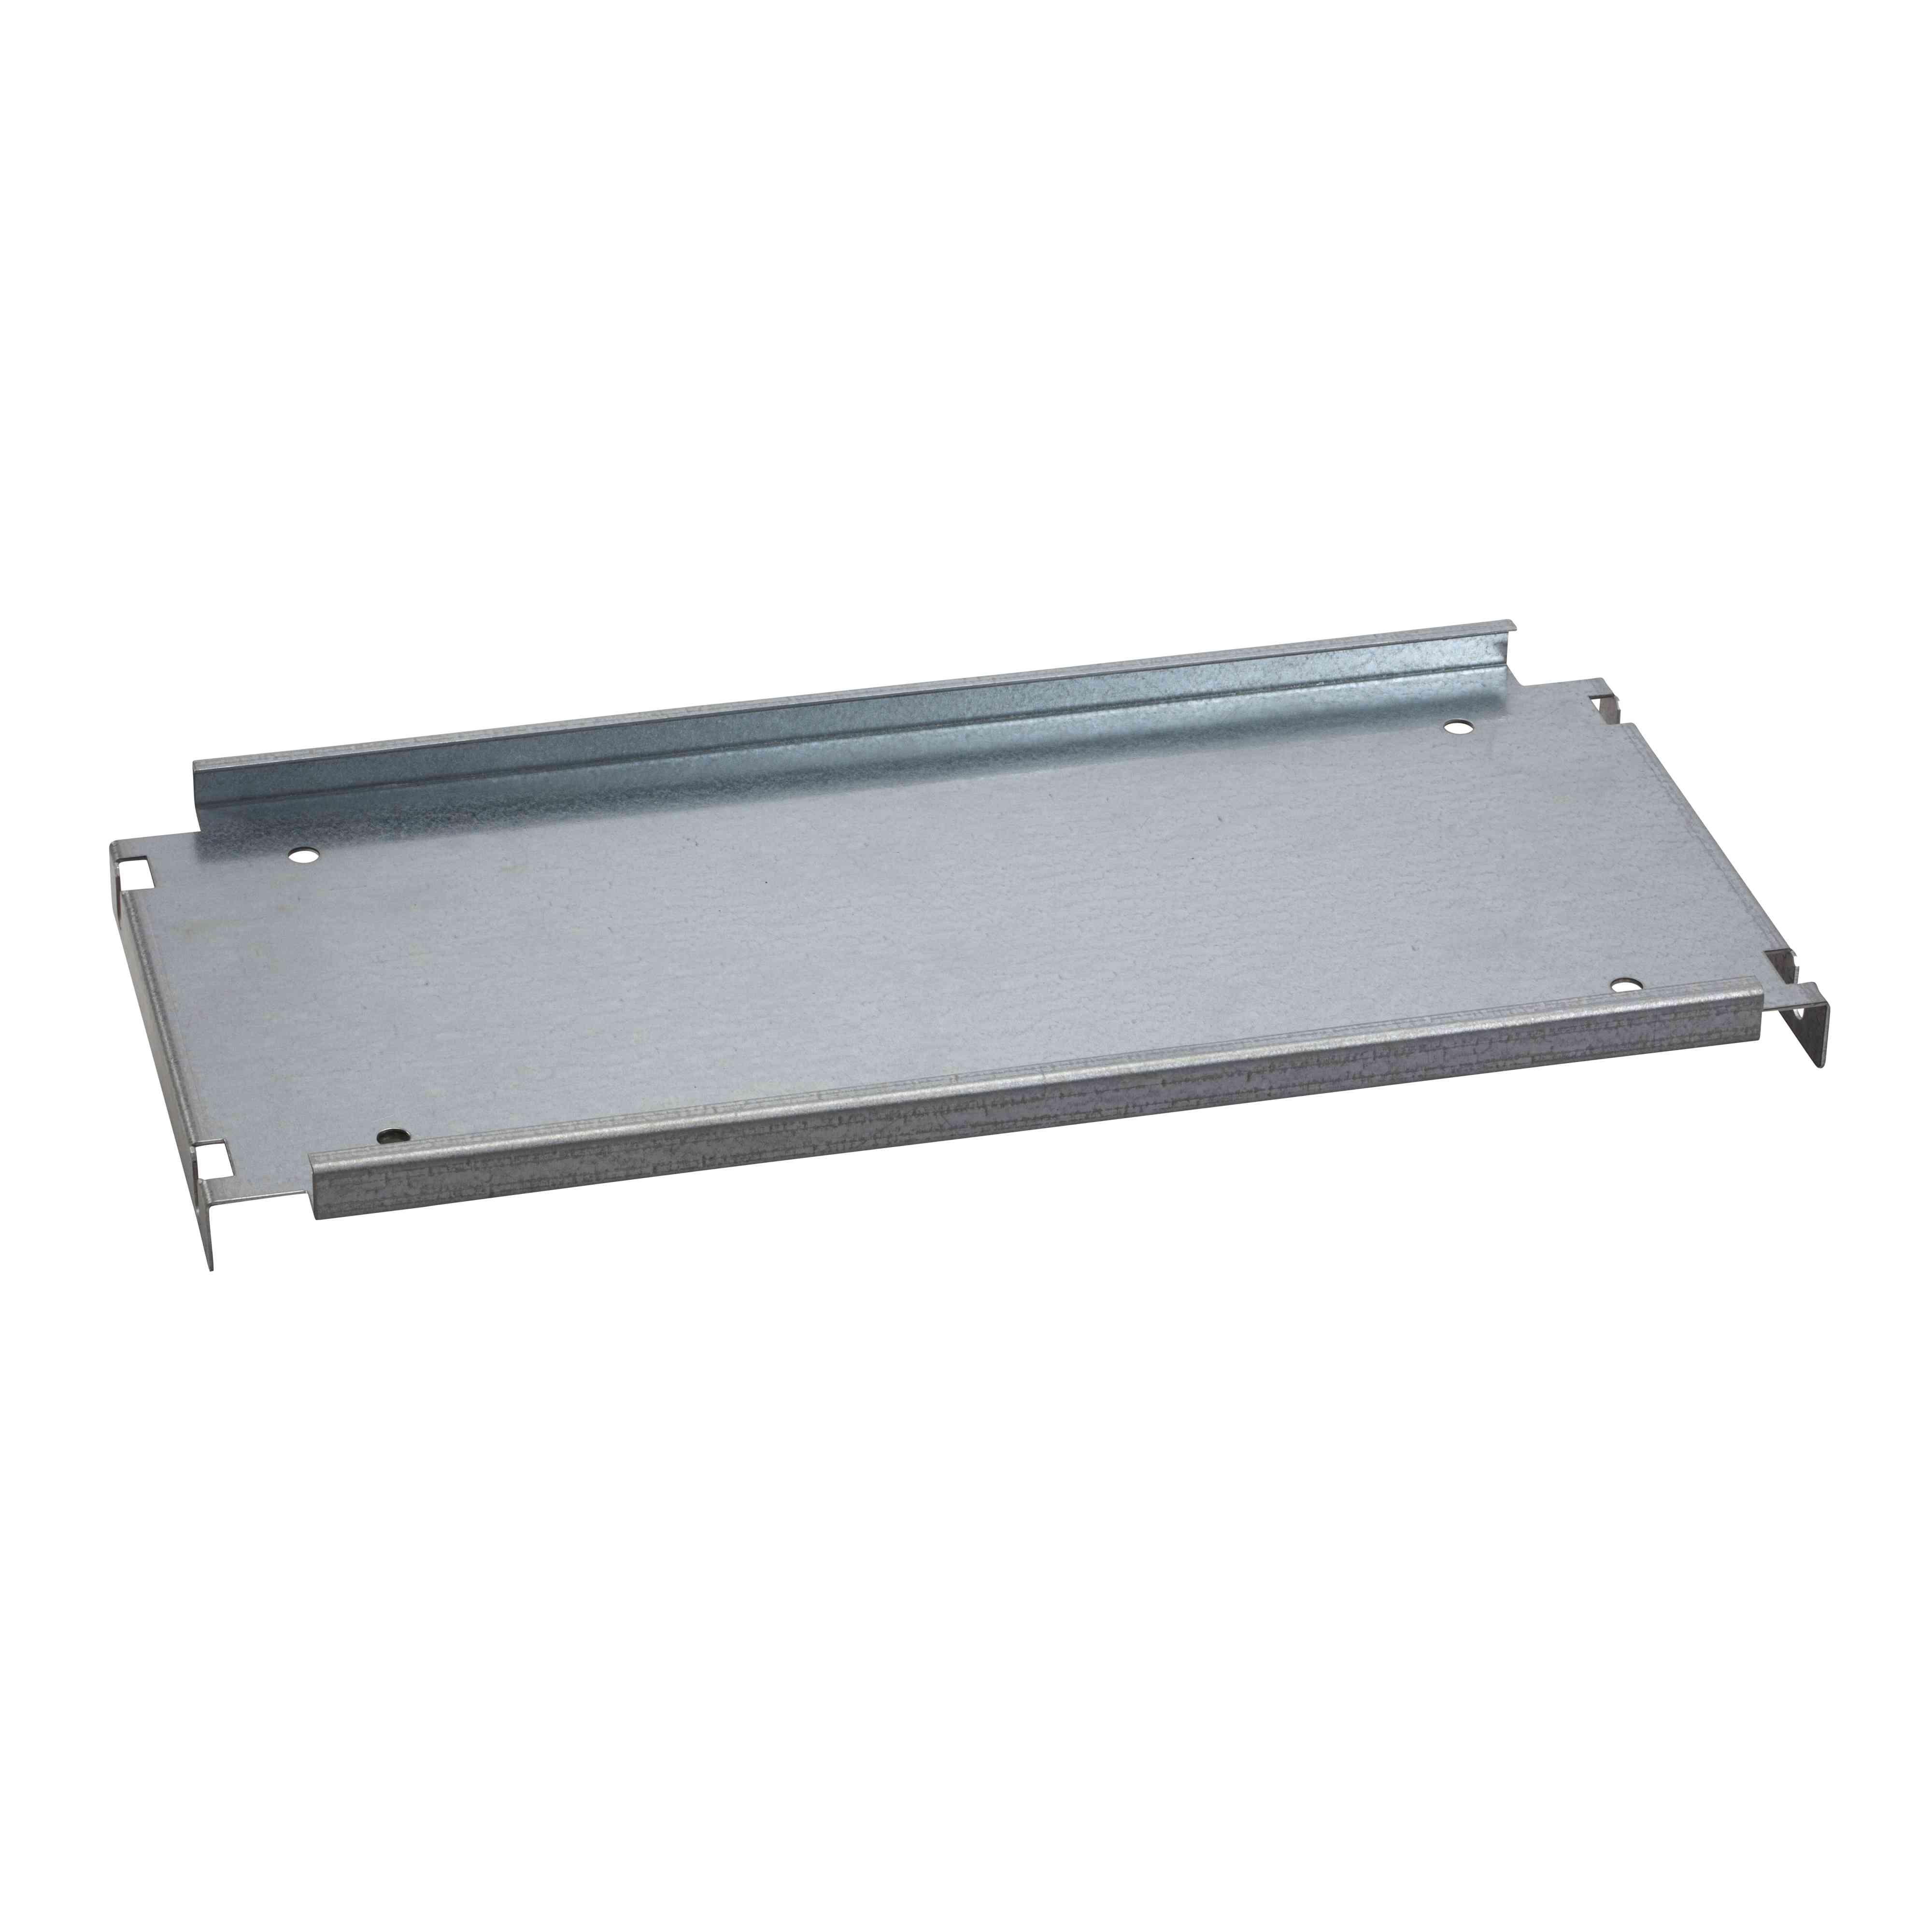 Vodoravna podporna plošča za omaro PLA Š500xG320 mm